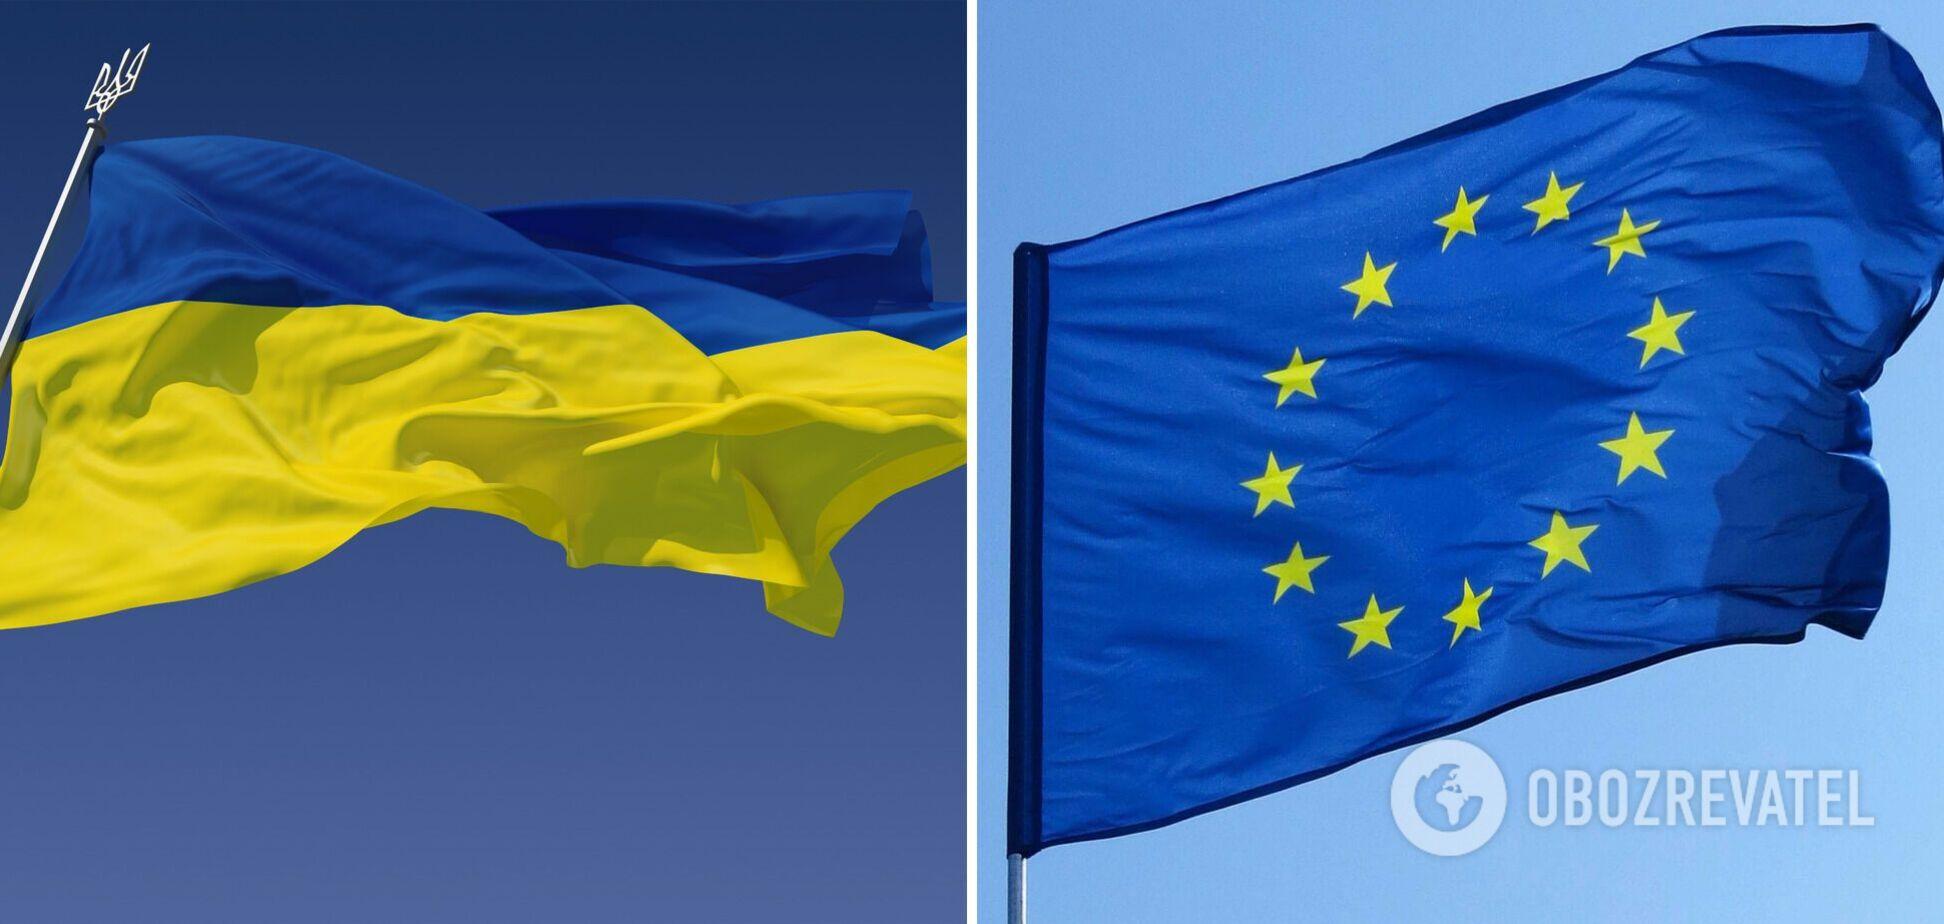 Україна чекає 'конкретних рішень' щодо членства в ЄС: озвучено терміни